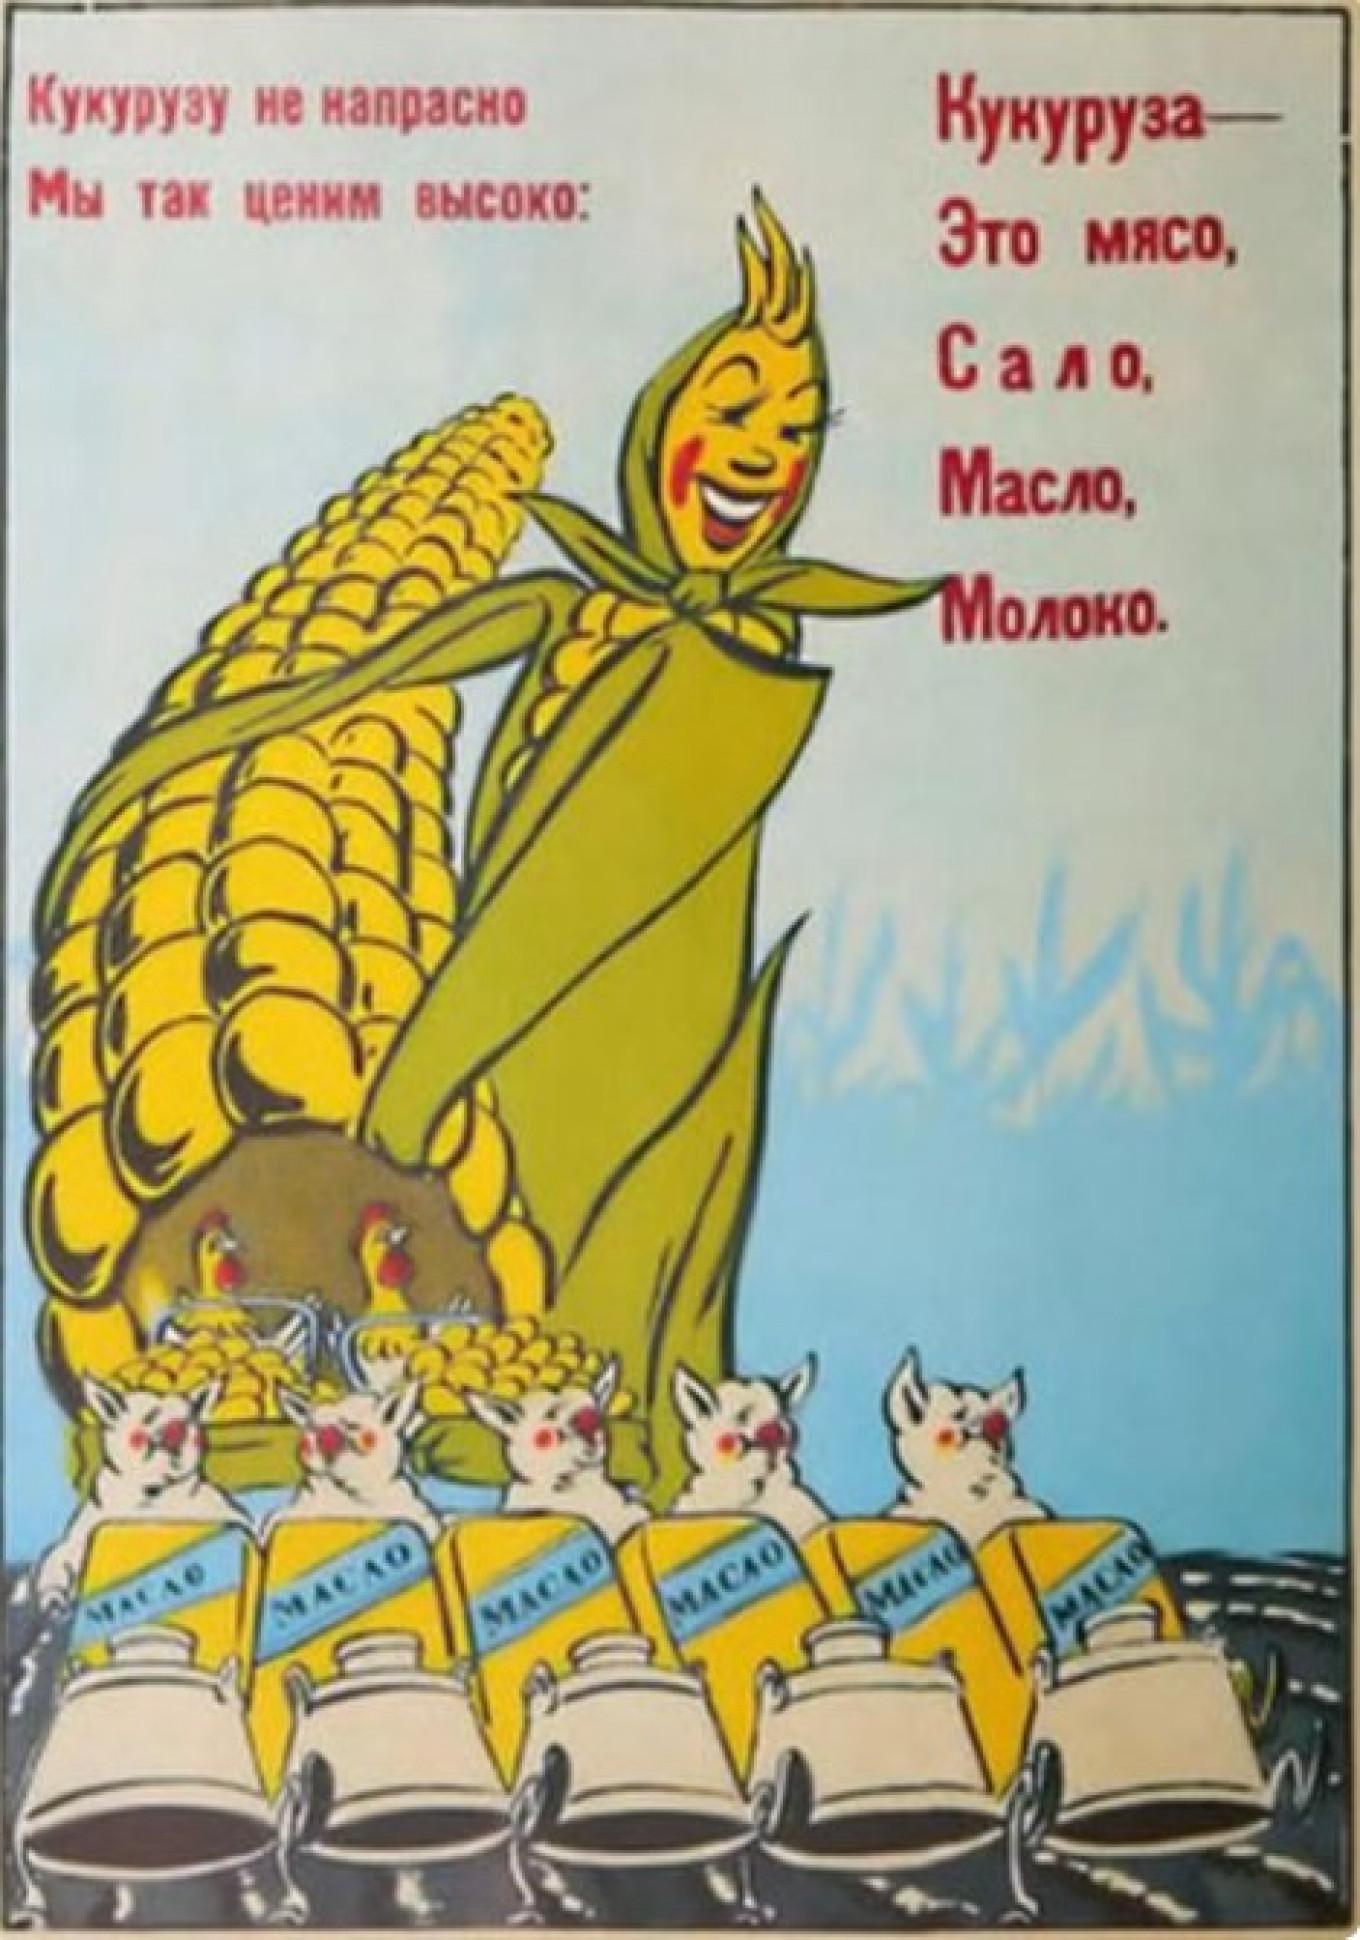 Corn for livestock poster